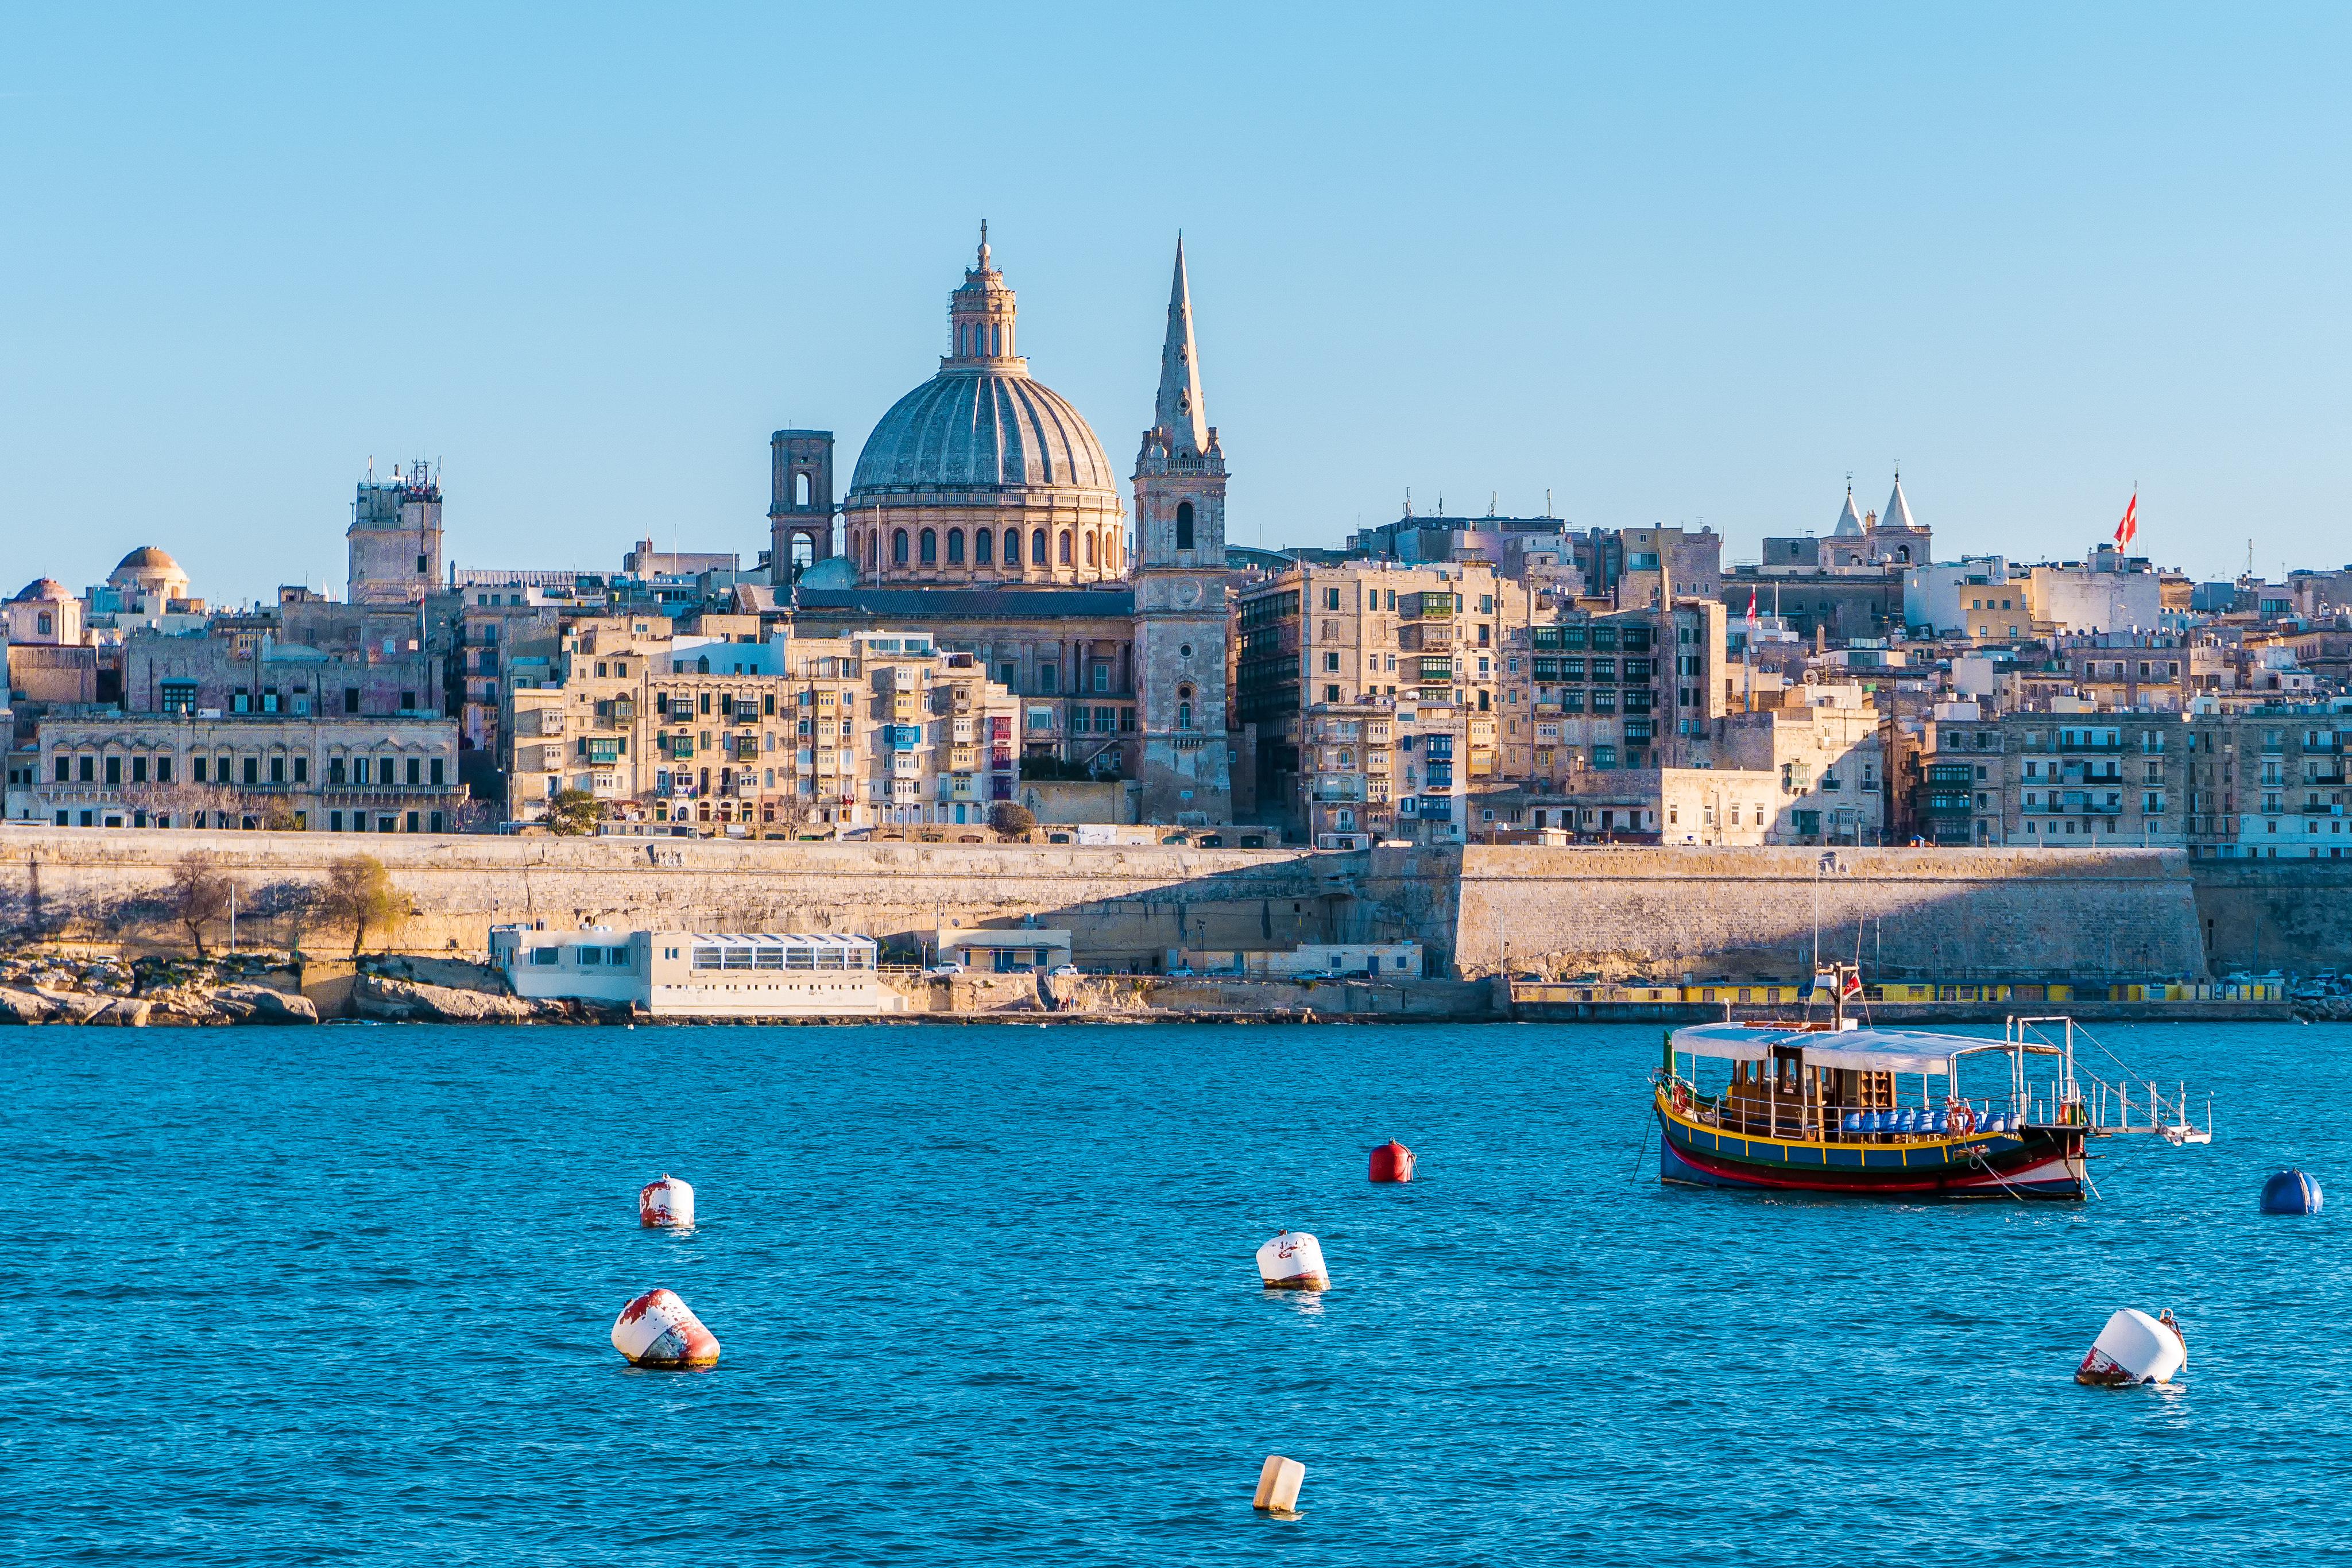 Malta îşi închide frontierele pentru călătorii care nu s-au vaccinat împotriva COVID-19